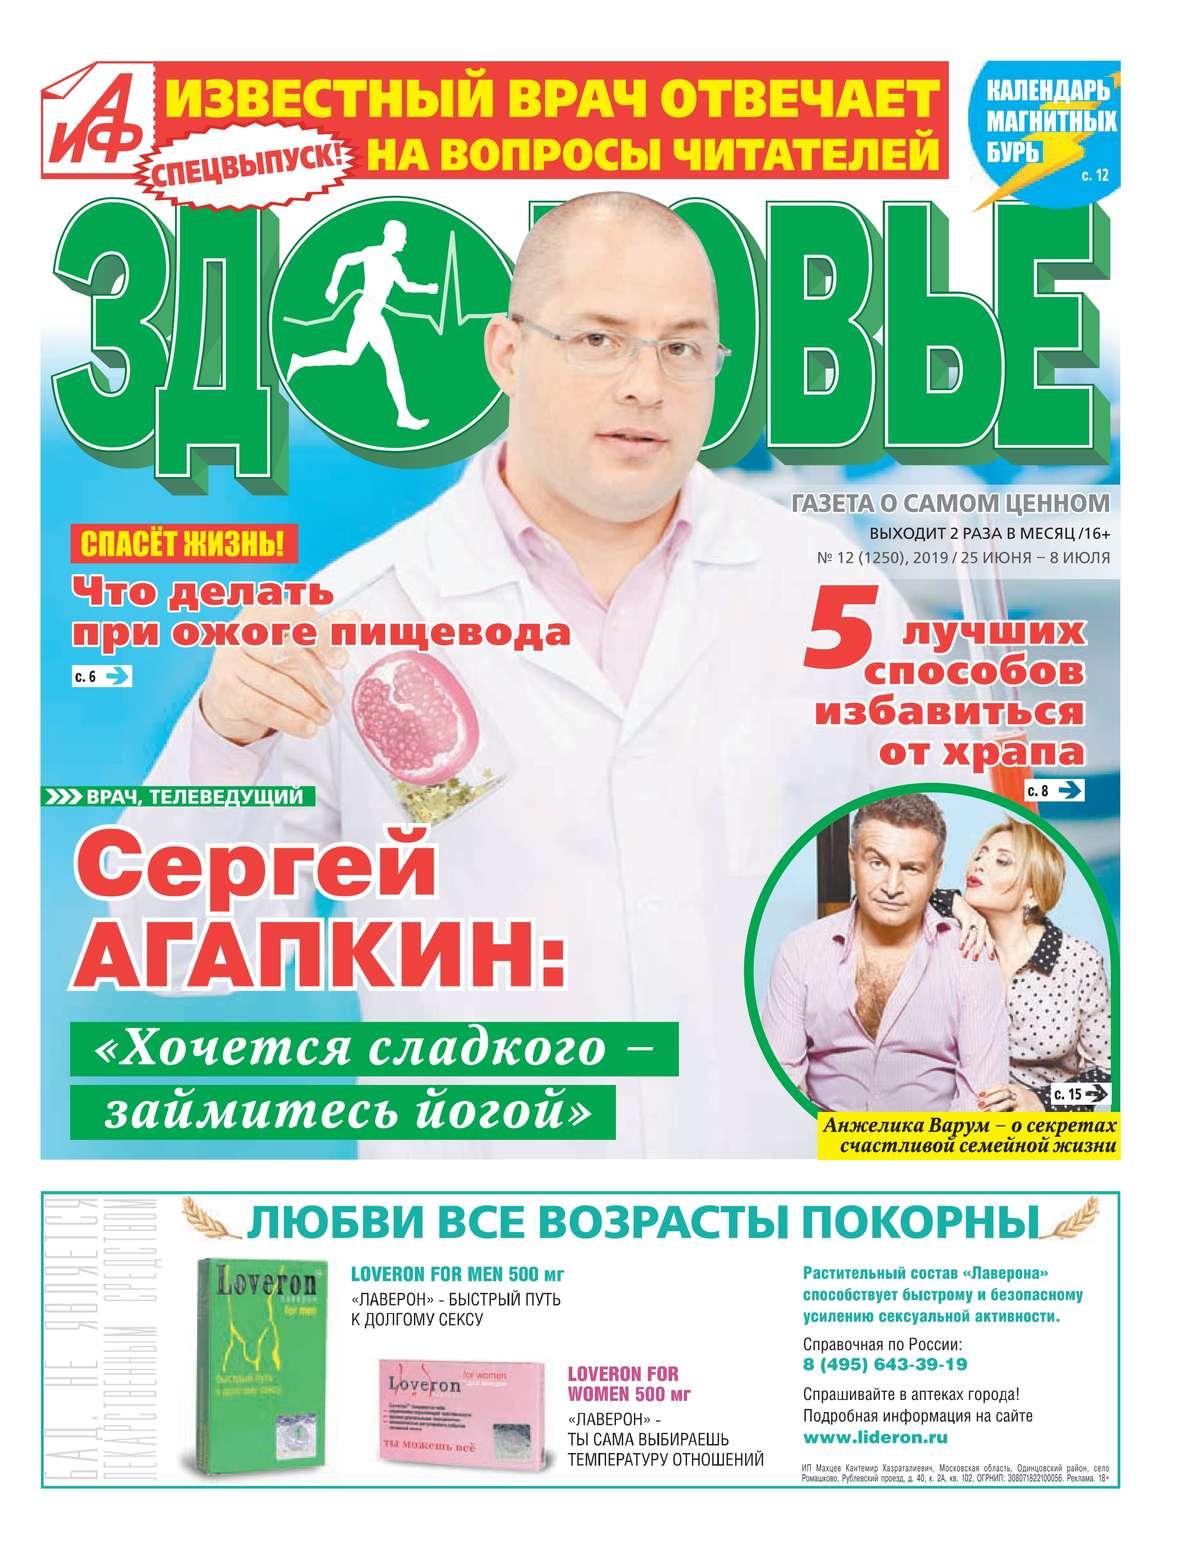 Редакция газеты Аиф. Здоровье / Аиф. Здоровье 12-2019